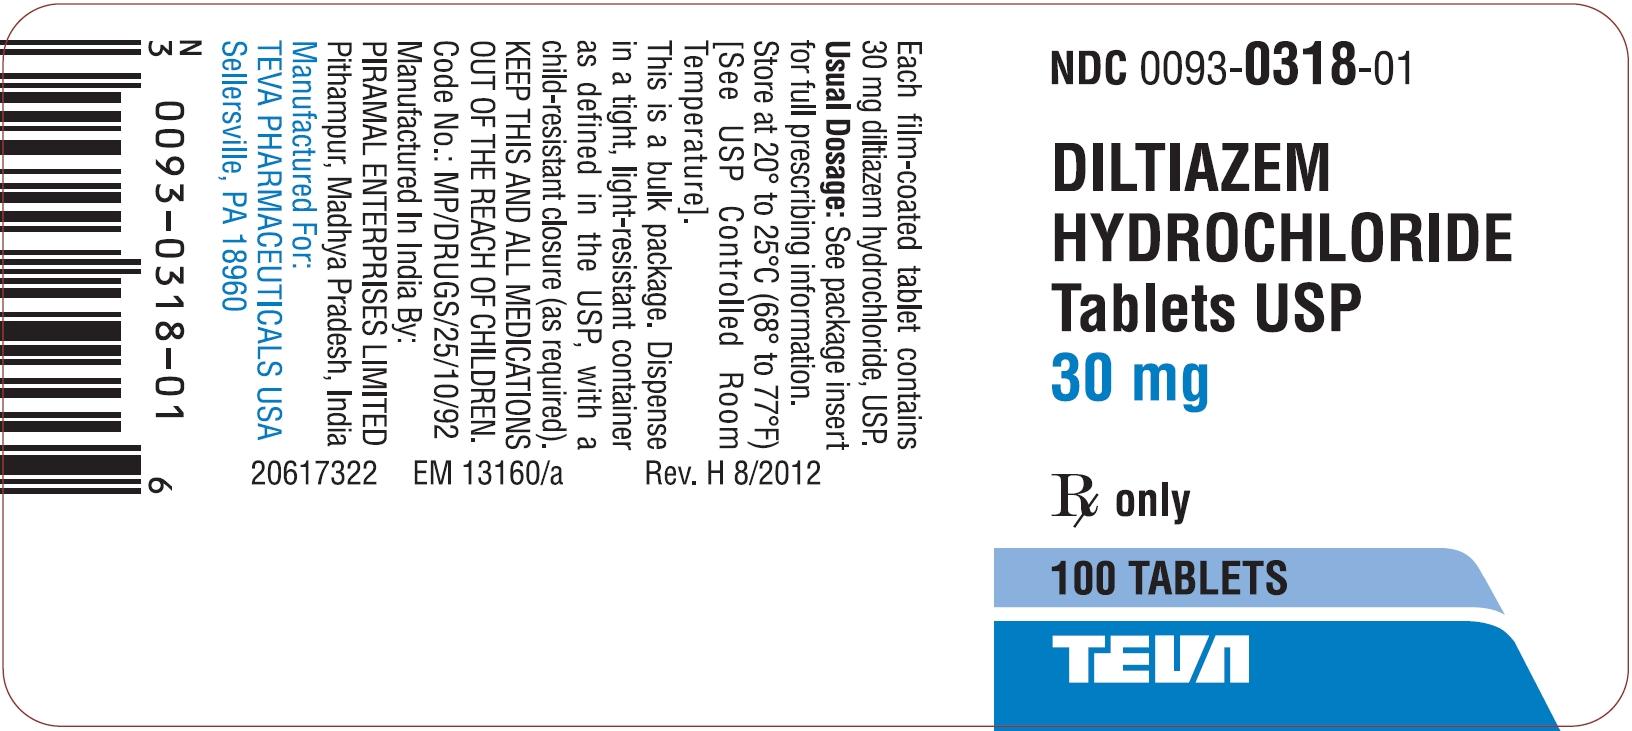 metformin 850 mg price